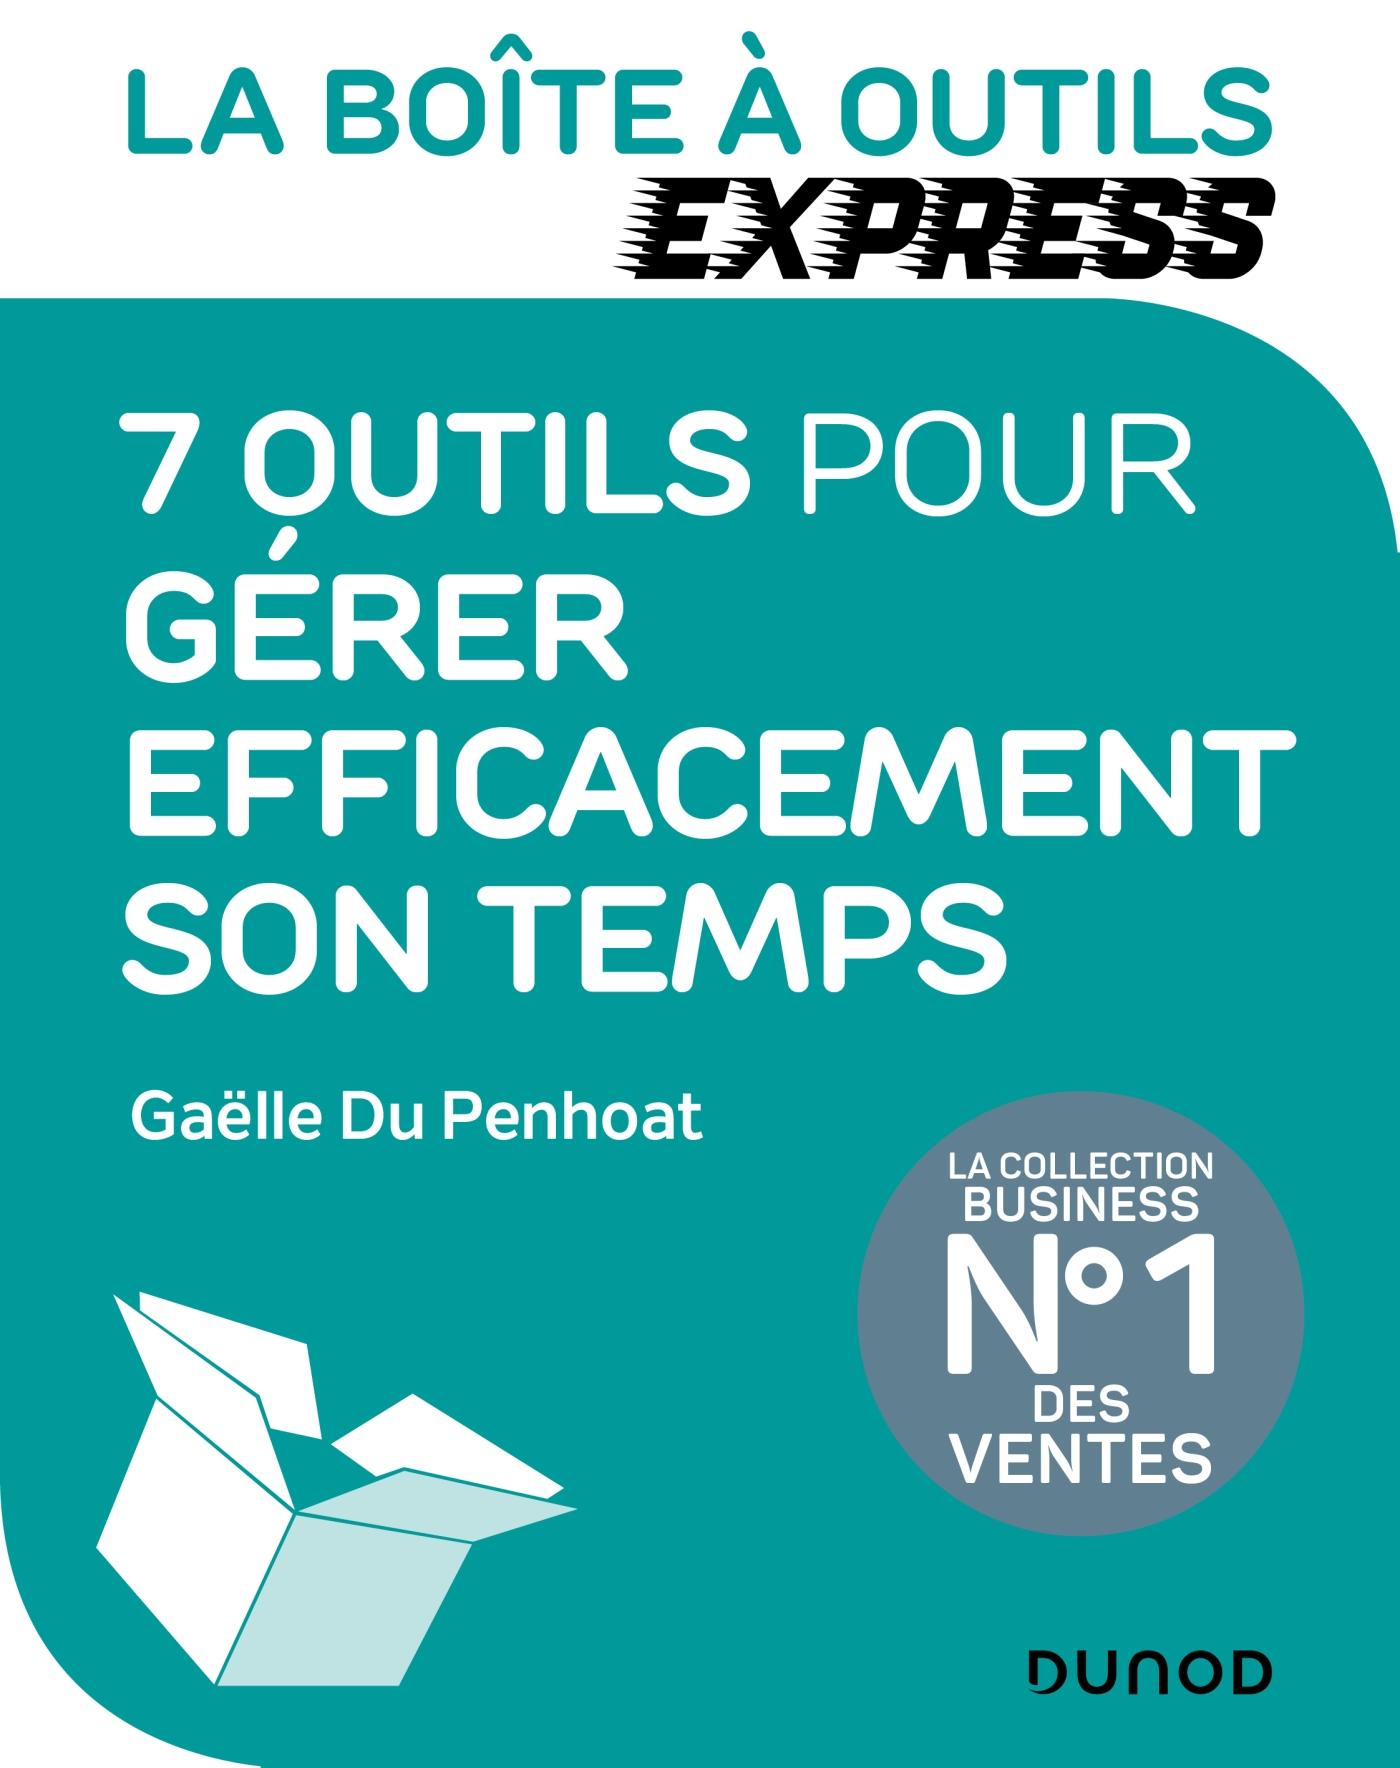 La Boite à outils Express - 7 outils pour Gérer efficacement son temps | Du Penhoat, Gaëlle. Auteur